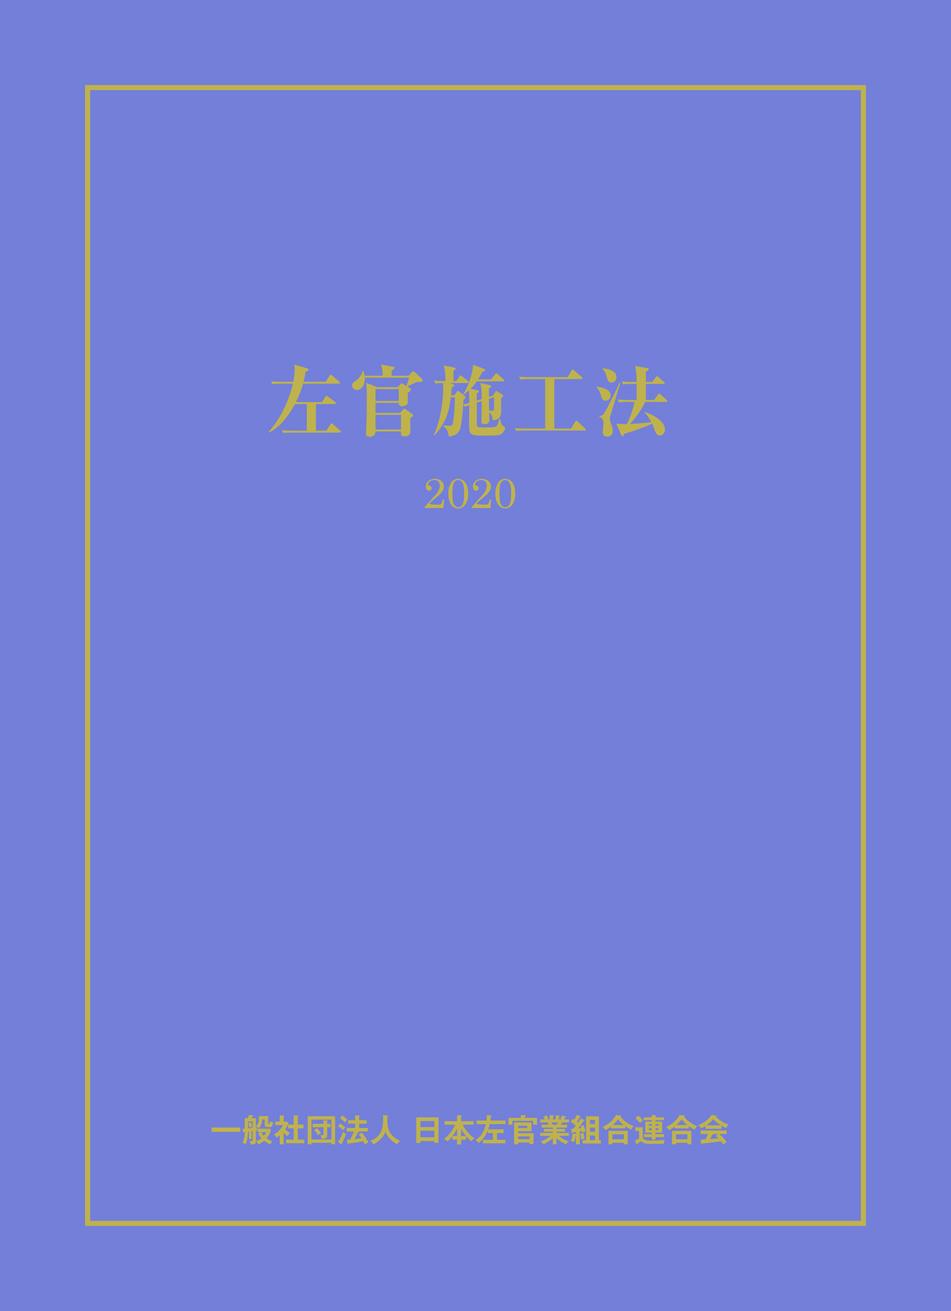 左官施工法2020